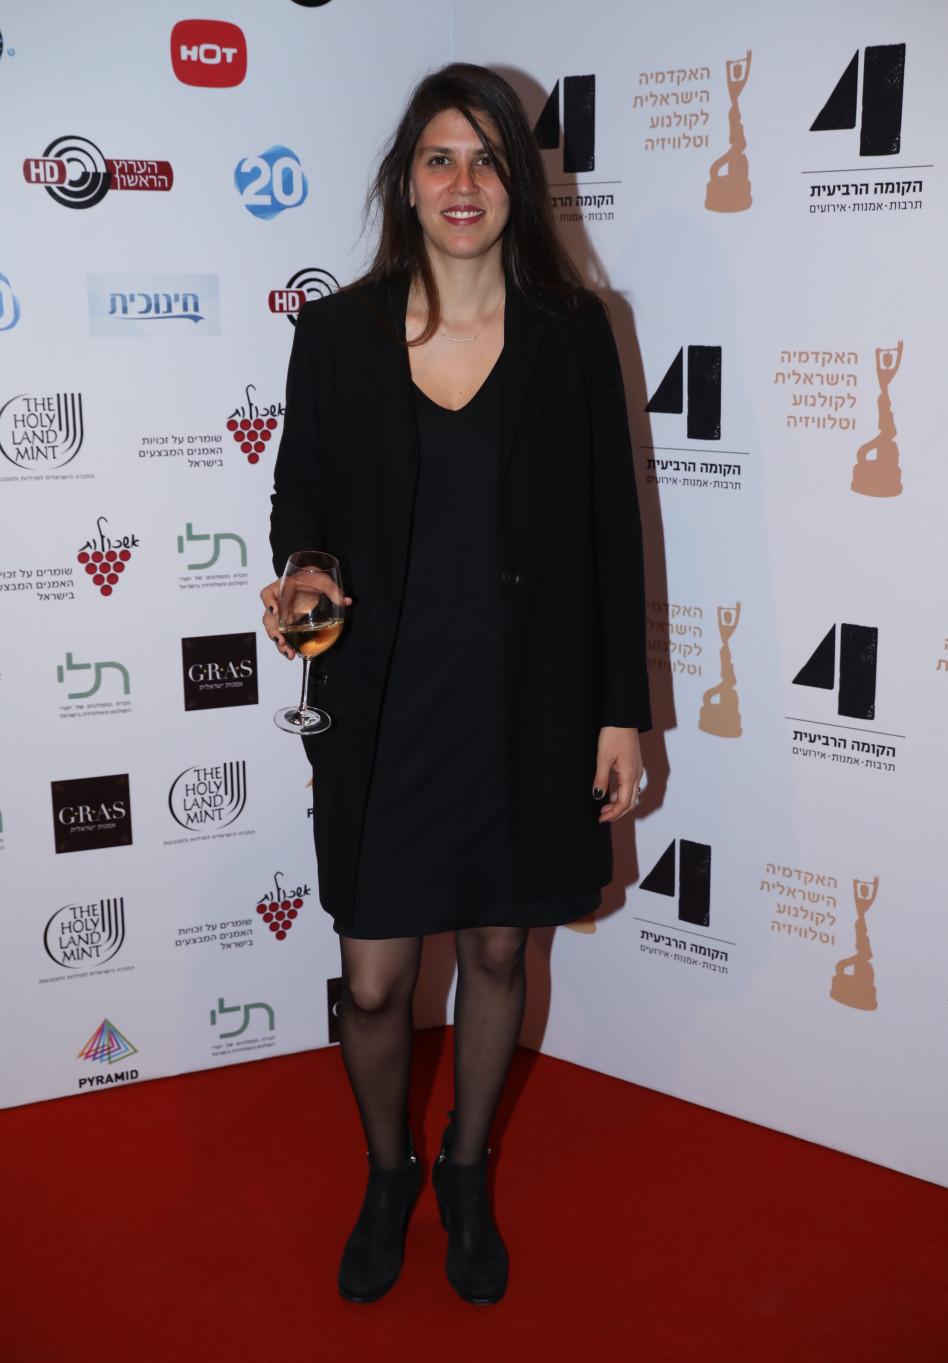 דנה בלנקשטיין (צילום: רפי דלויה)